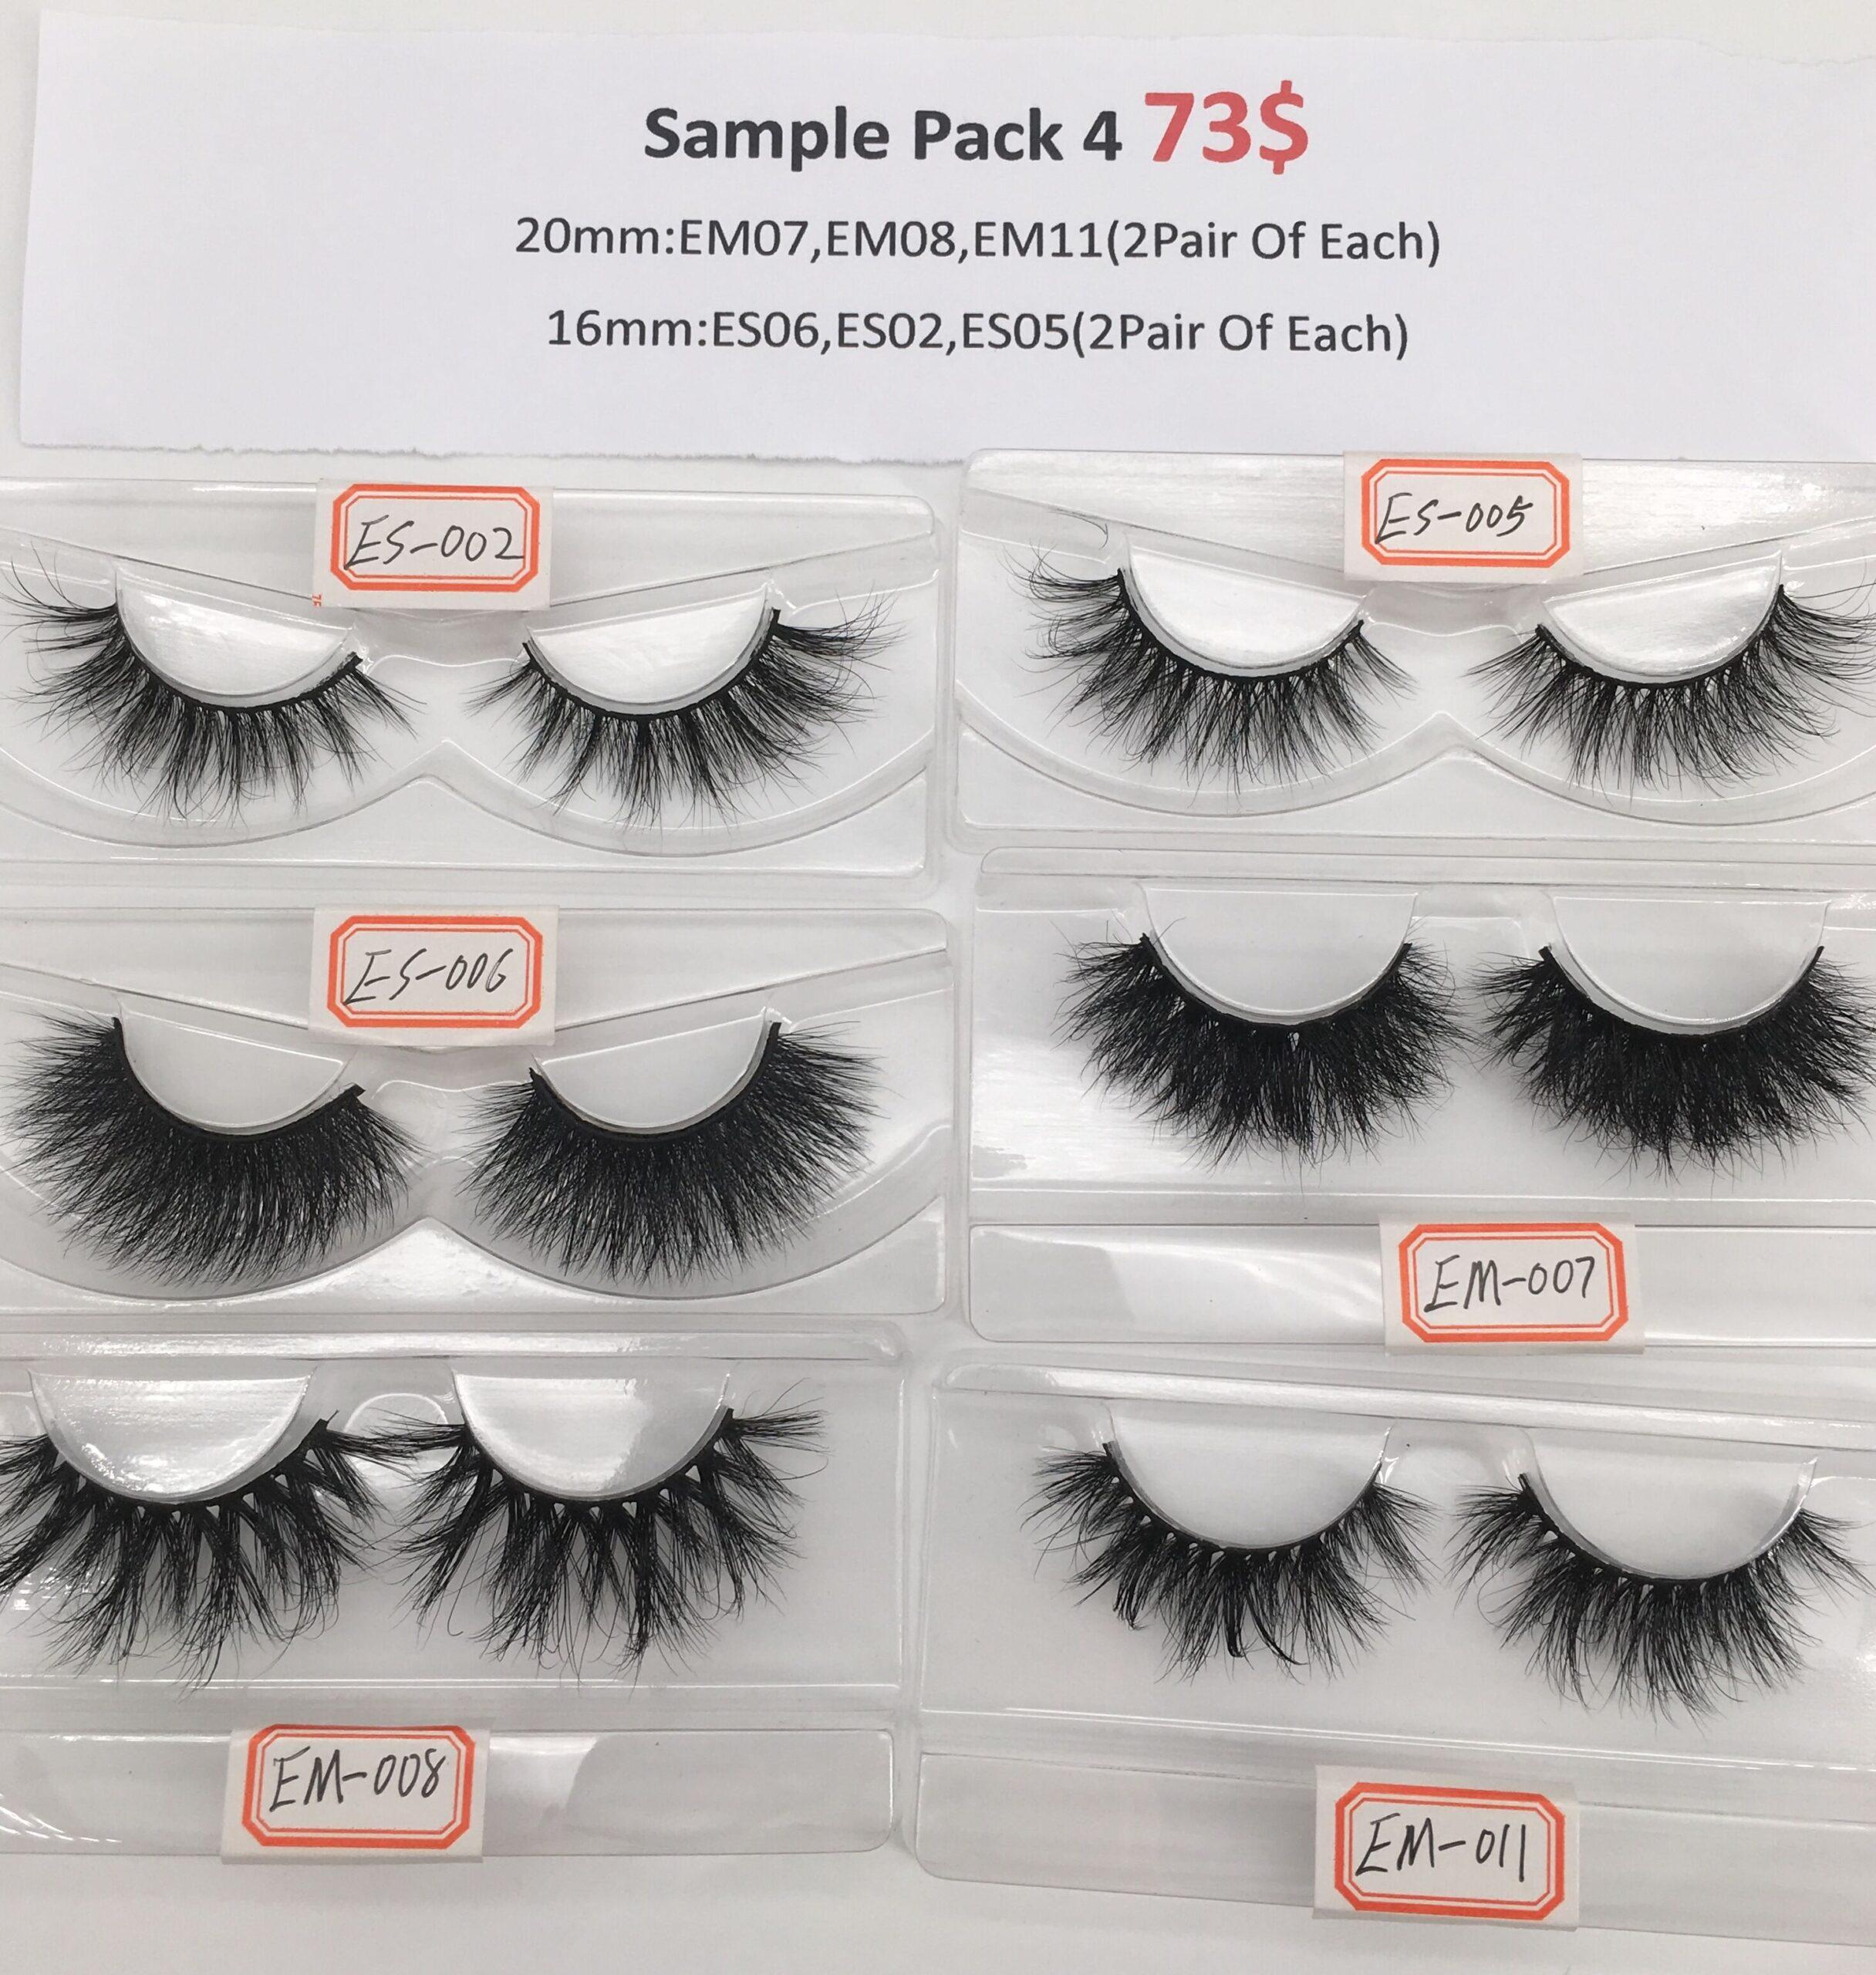 eyelash sample pack 4